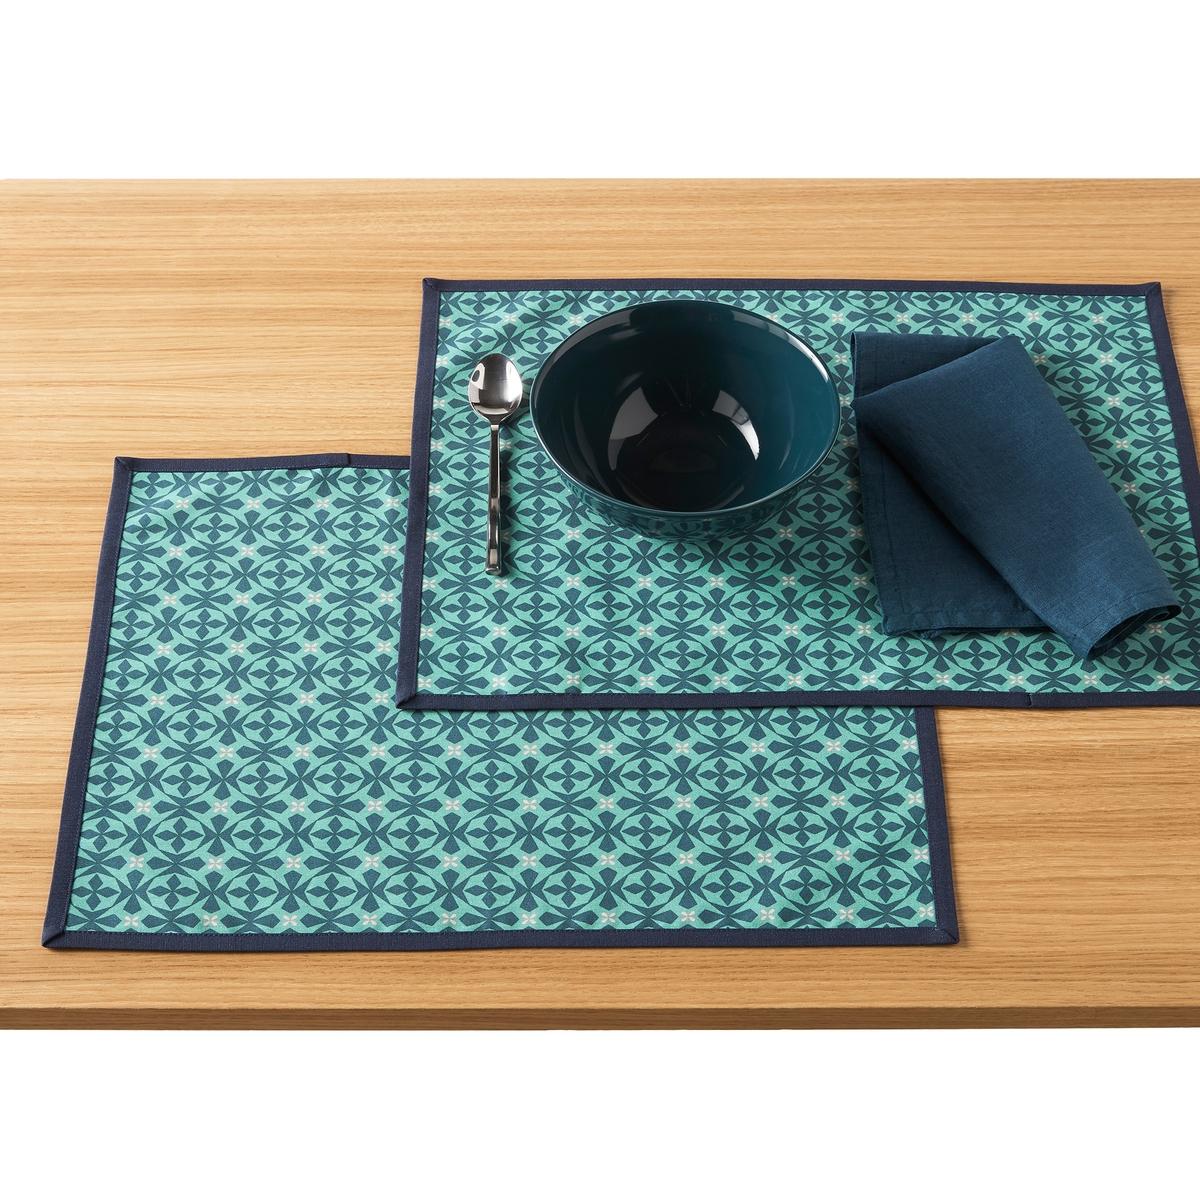 2 подложки La Redoute Под столовые приборы с пропиткой AZILA единый размер синий